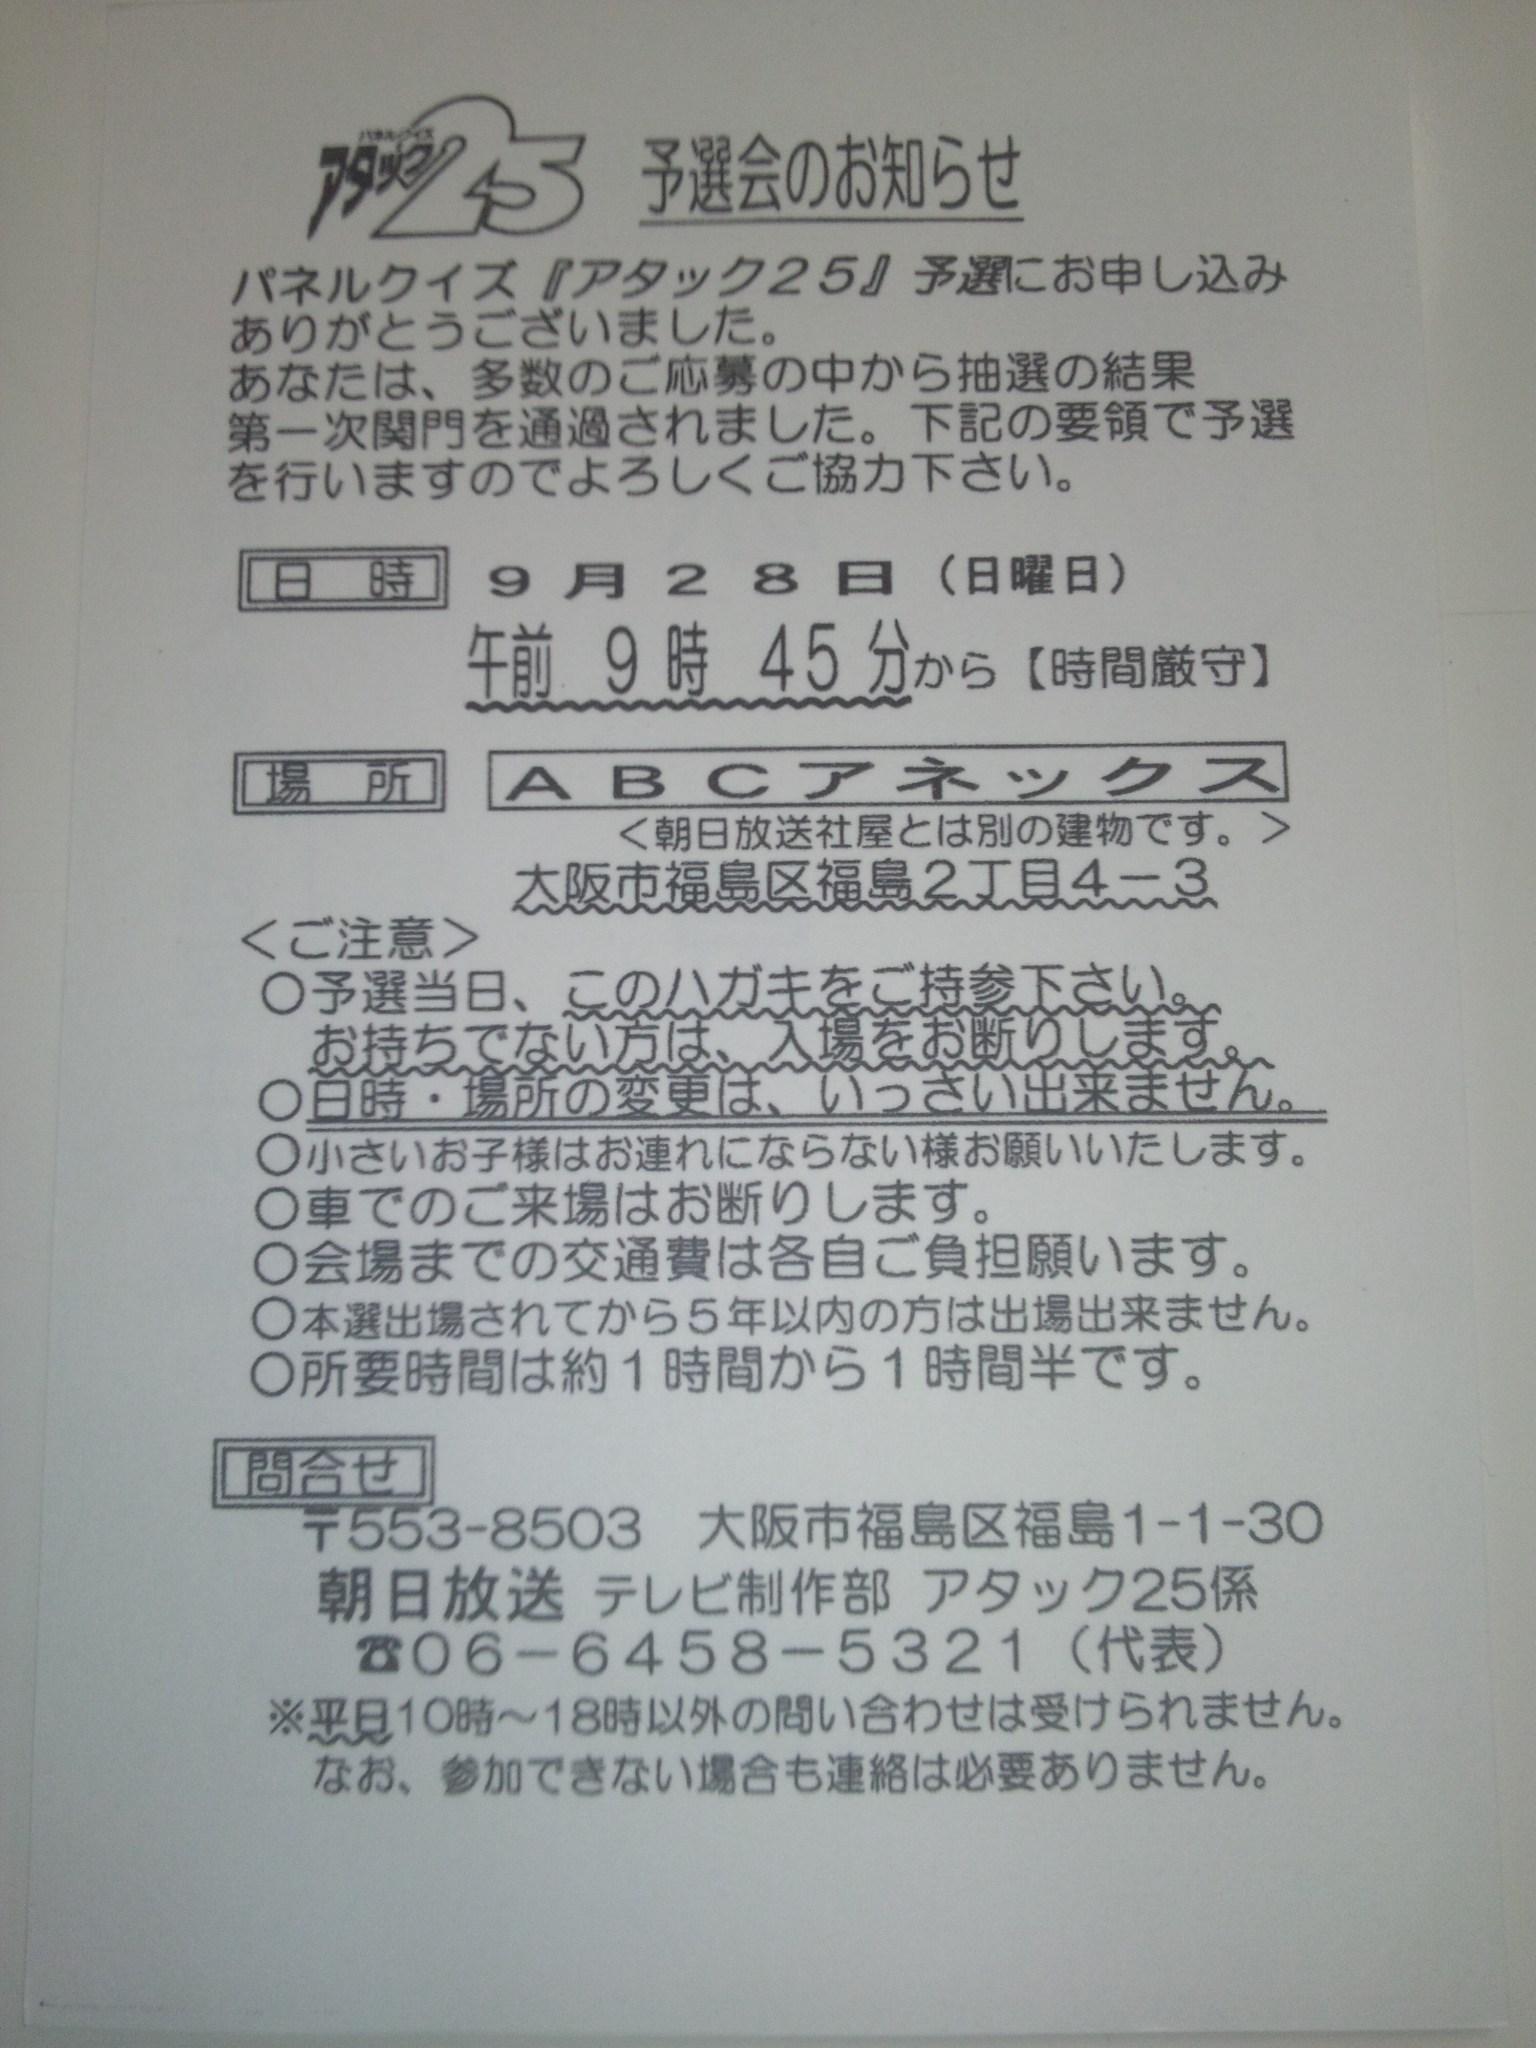 アップロードファイル 452-1.jpg